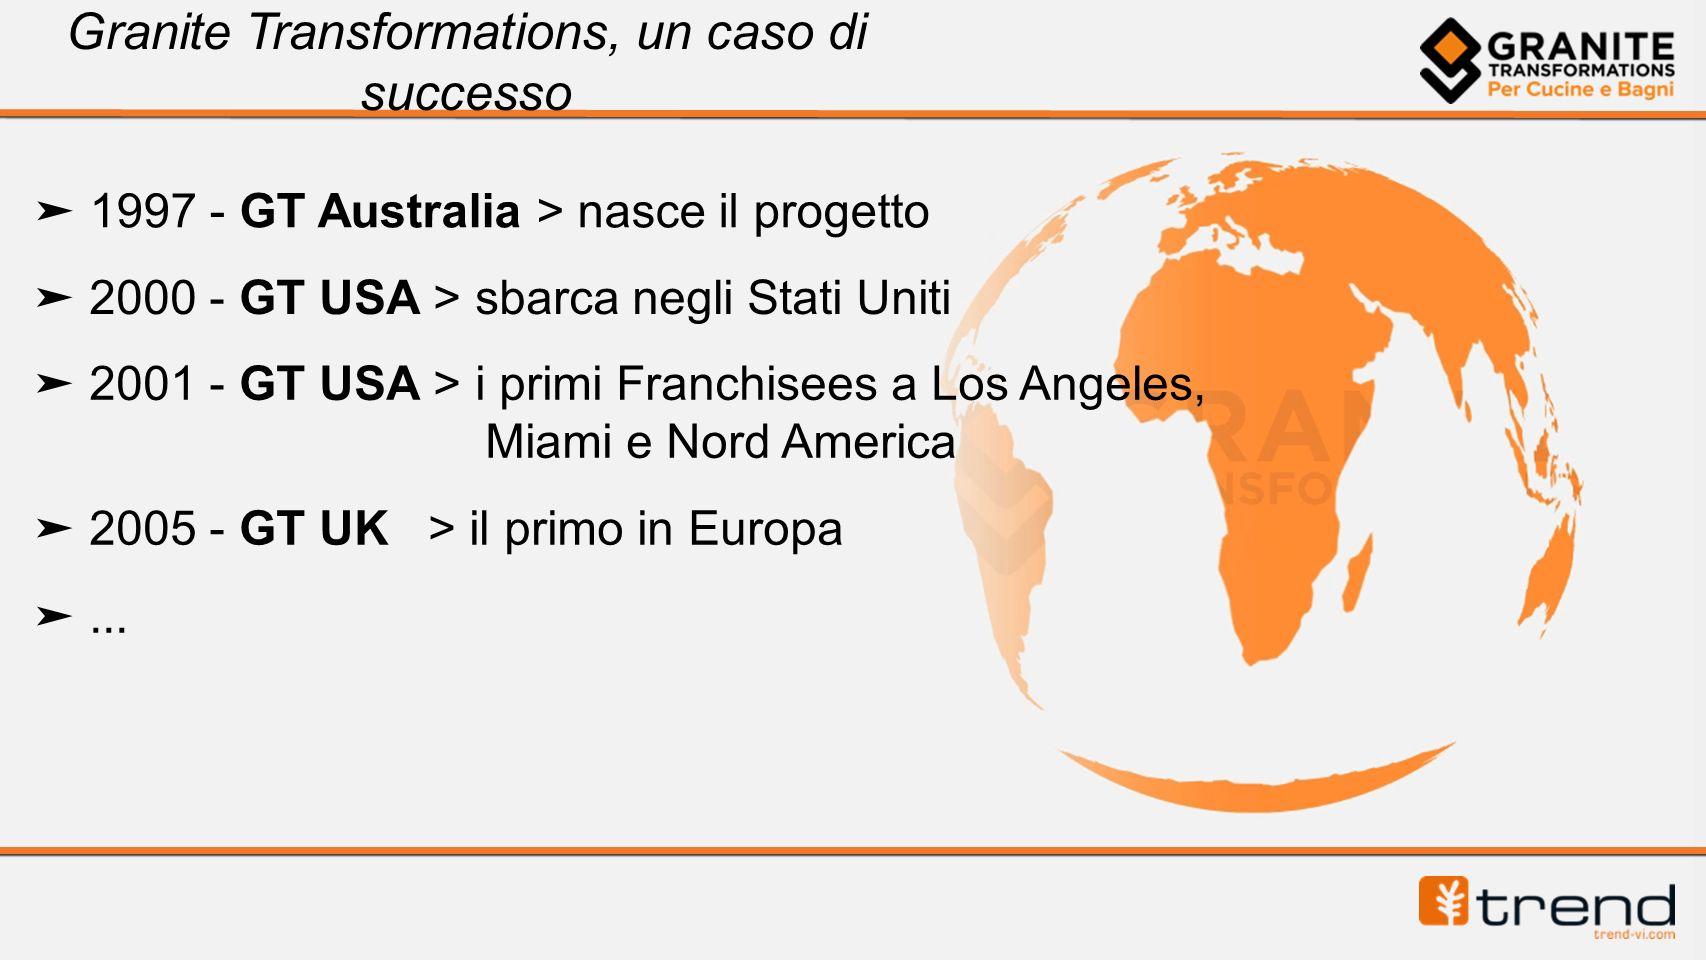 Granite Transformations, un caso di successo 1997 - GT Australia > nasce il progetto 2000 - GT USA > sbarca negli Stati Uniti 2001 - GT USA > i primi Franchisees a Los Angeles, Miami e Nord America 2005 - GT UK > il primo in Europa...